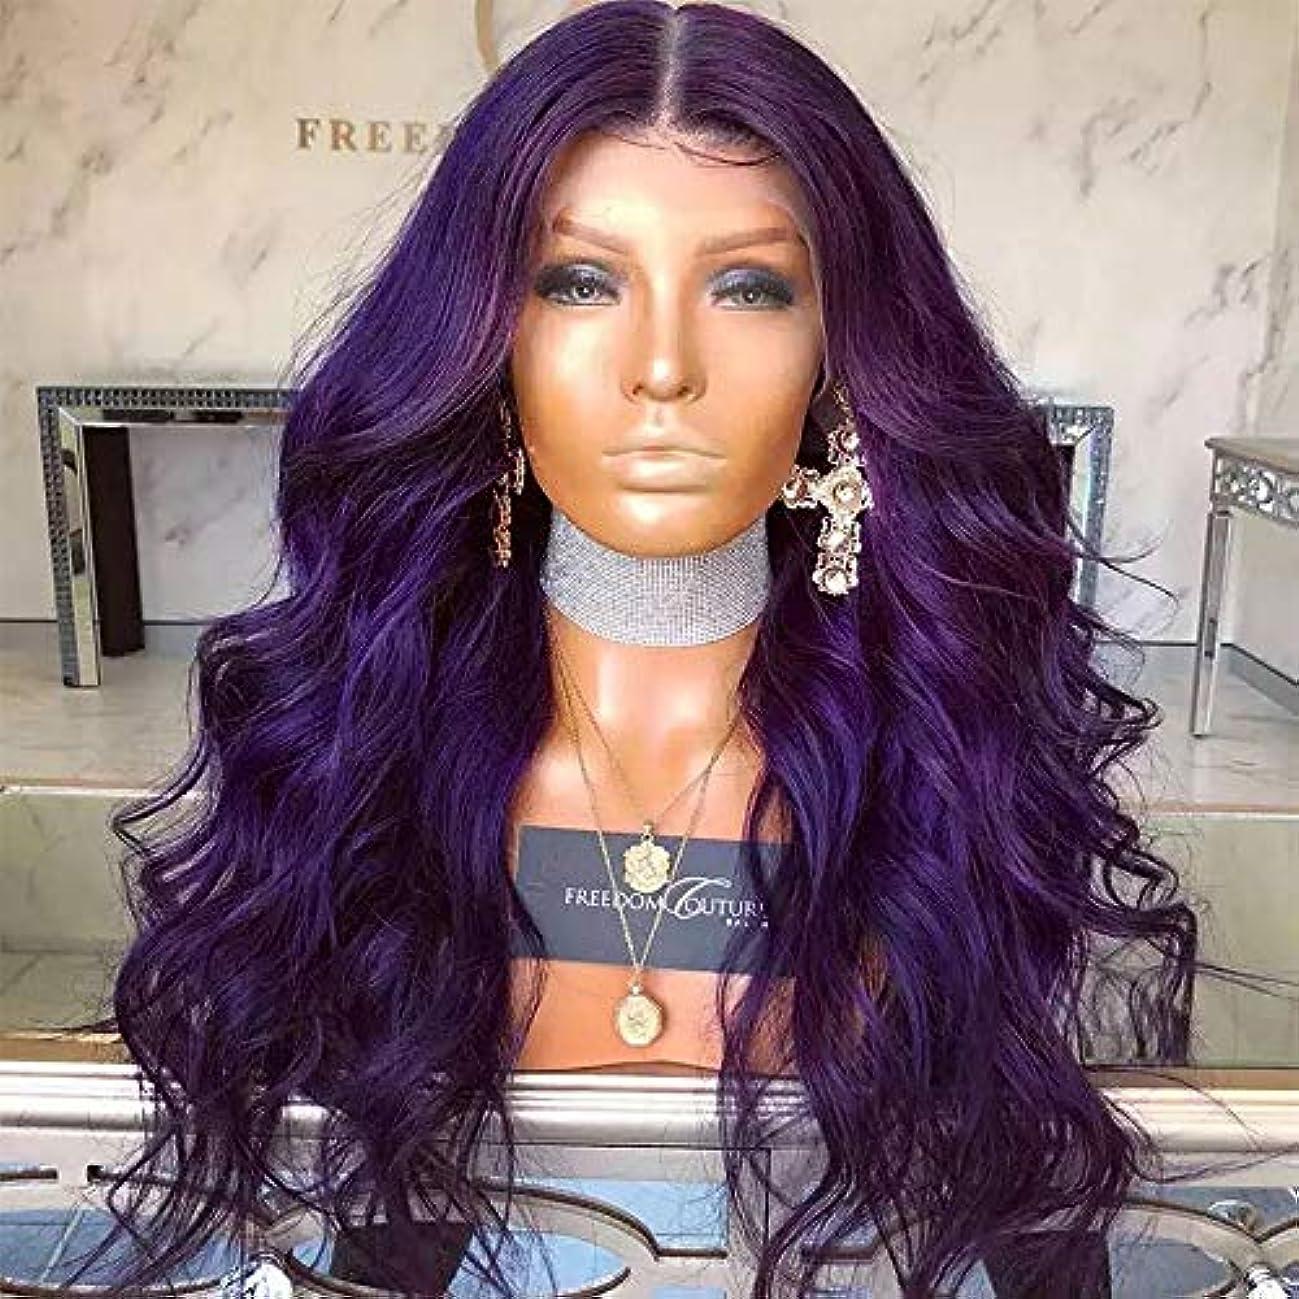 アノイ幸運直感ヘアピース ヨーロッパとアメリカのファッションレディースレースロングカーリーヘア化学繊維パープルナチュラルウィッグヘアセット